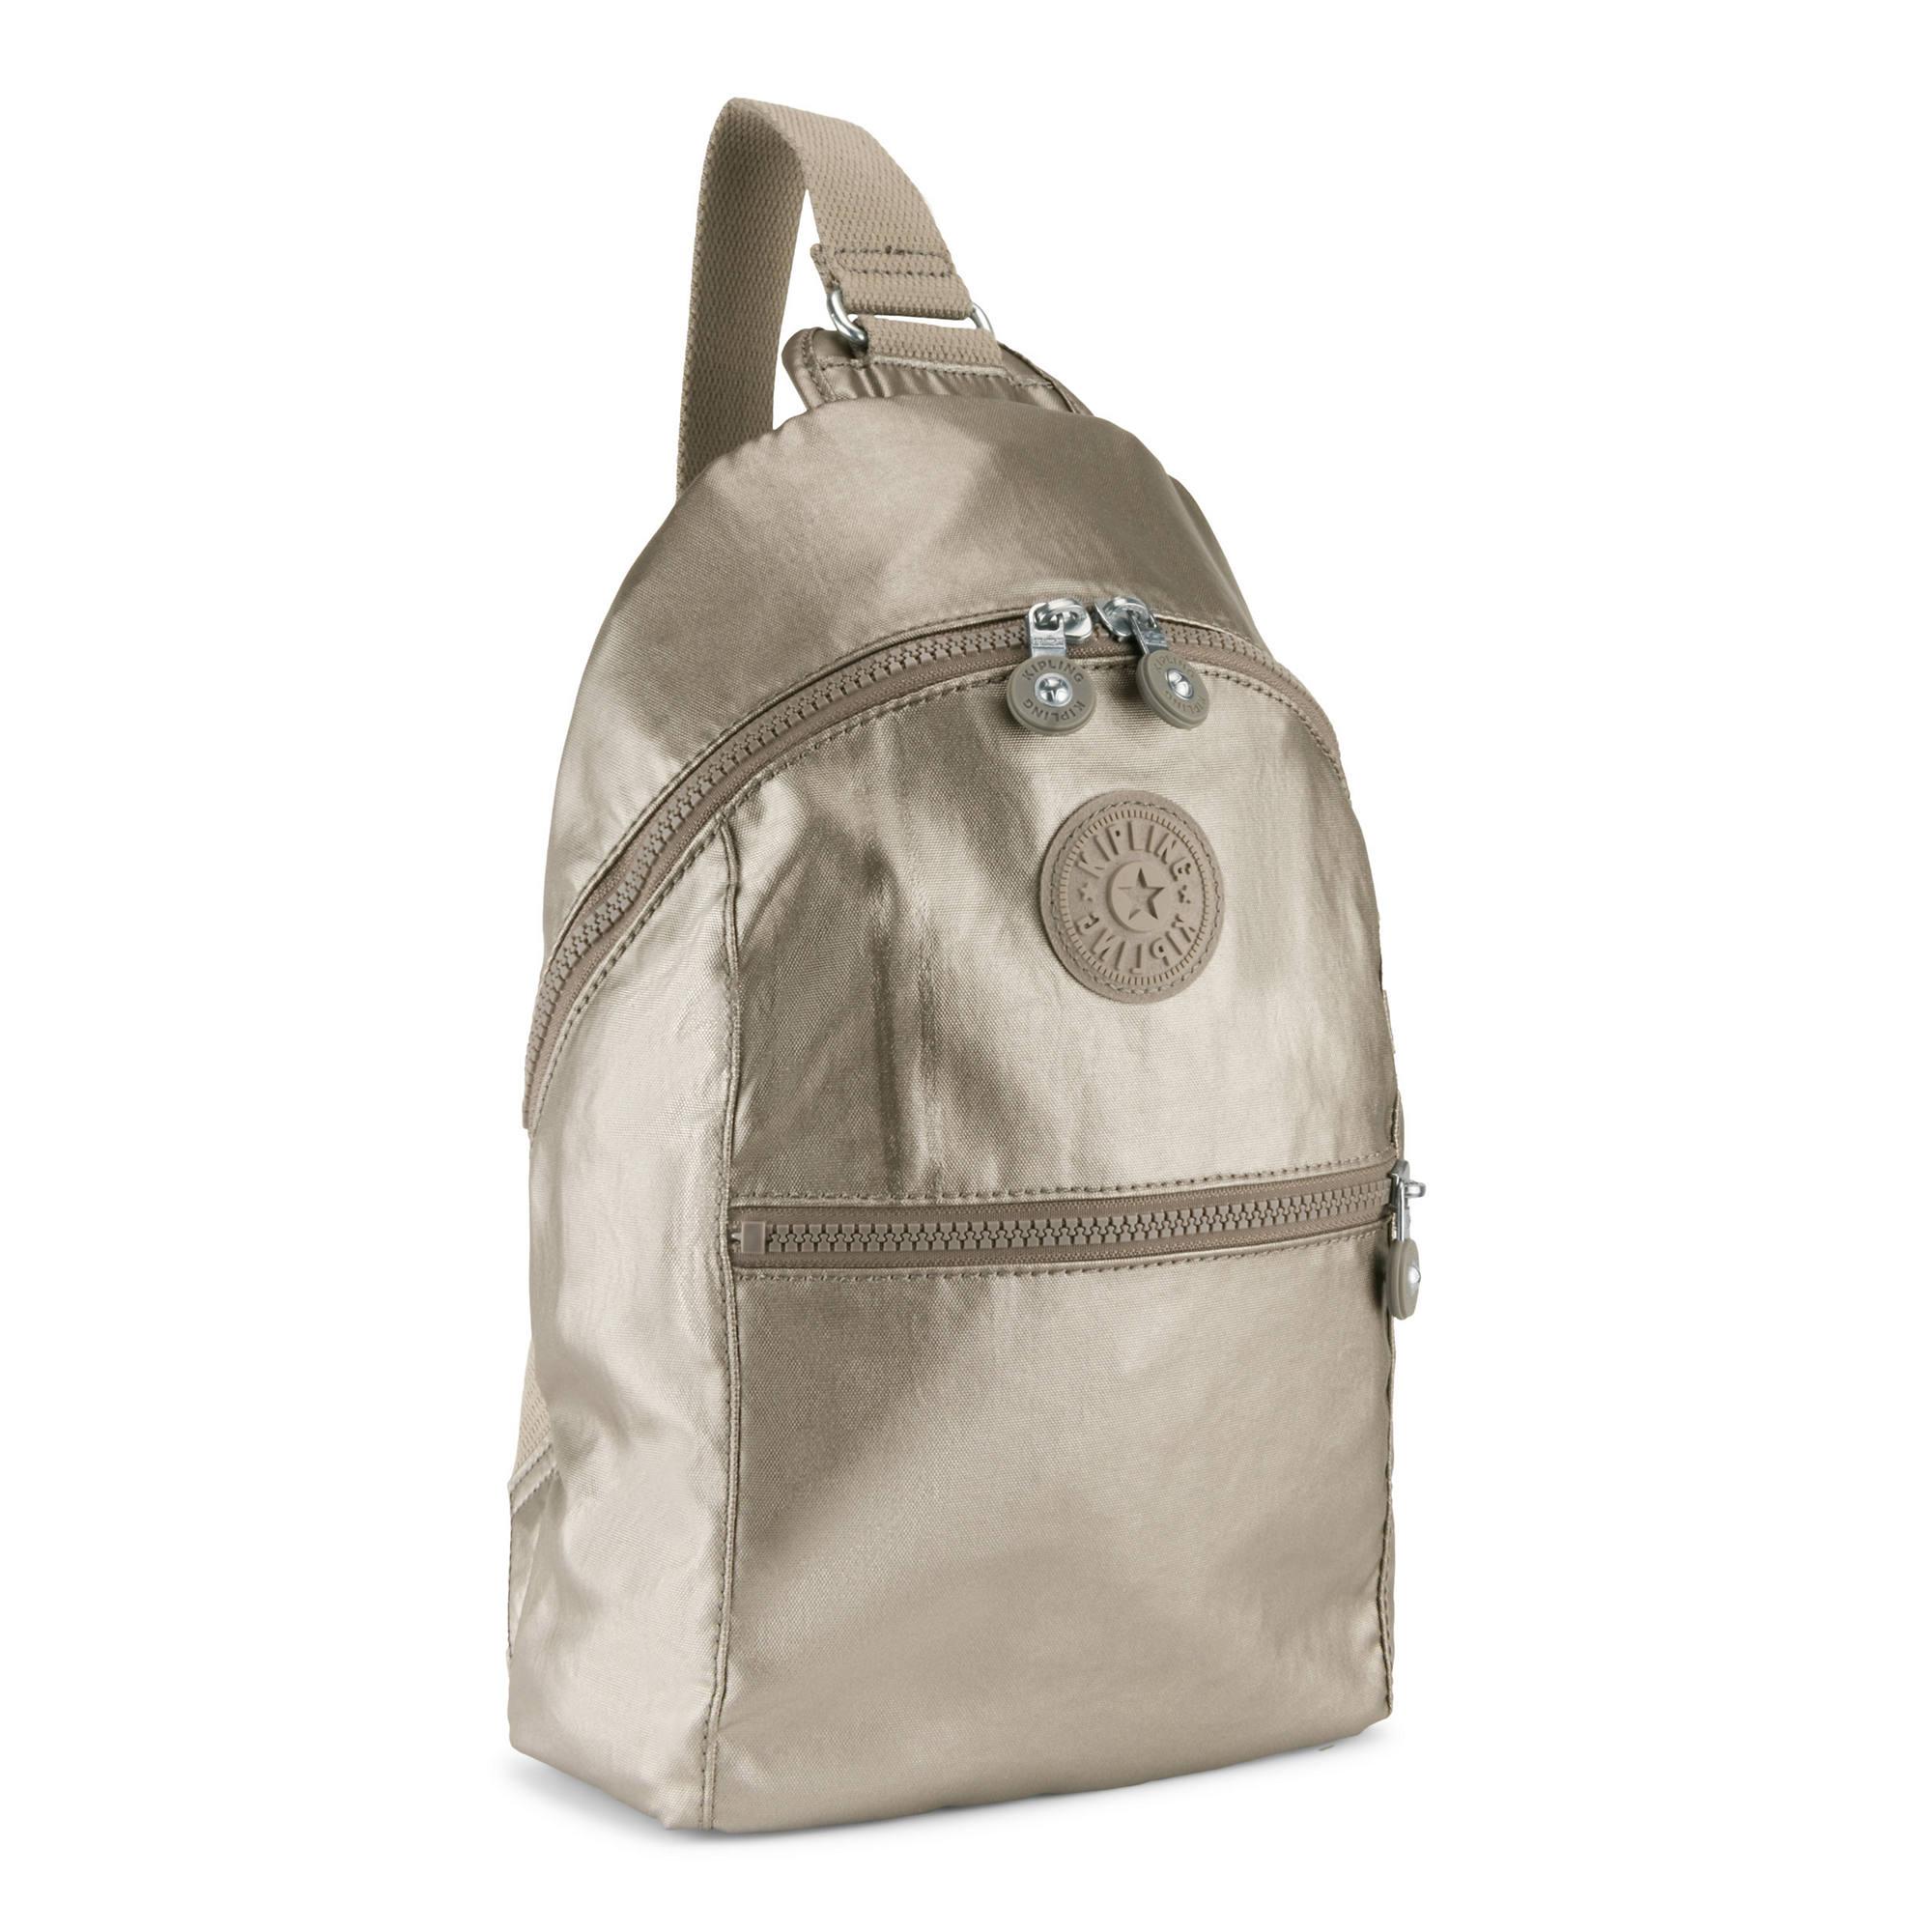 ba434c6899 Bente Metallic Sling Backpack,Metallic Pewter,large